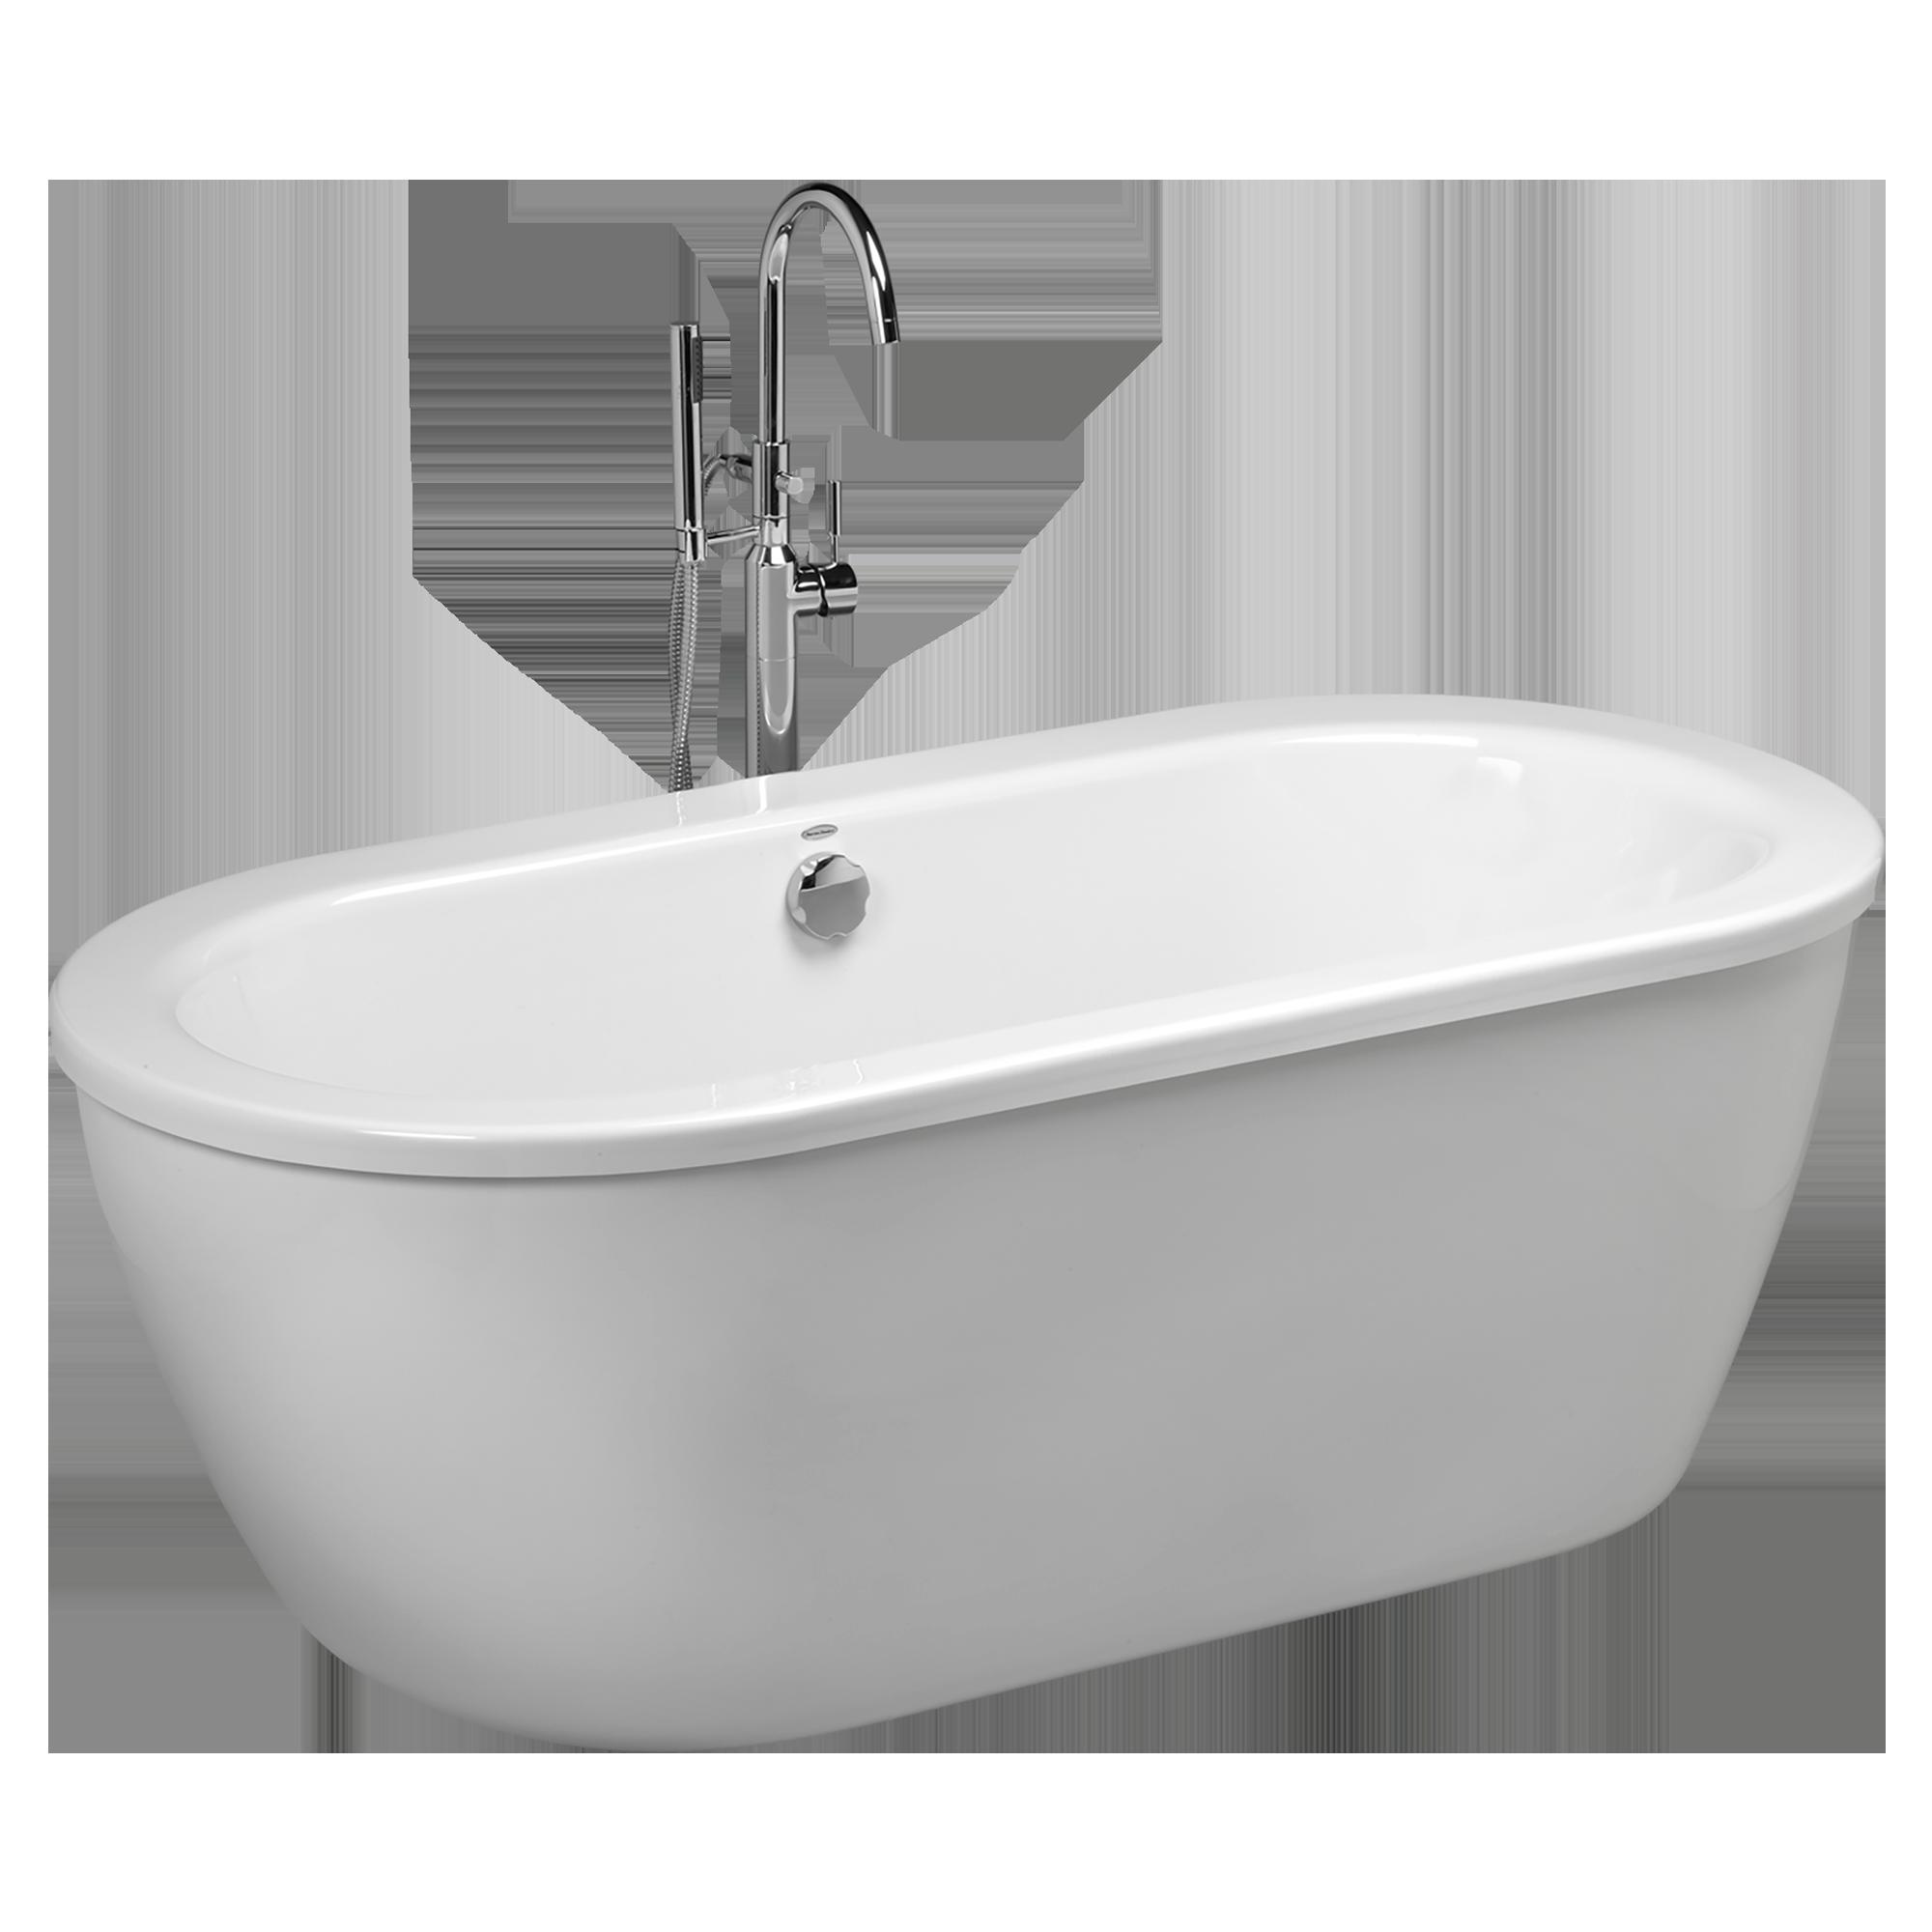 Bath Tub PNG HD - 124252